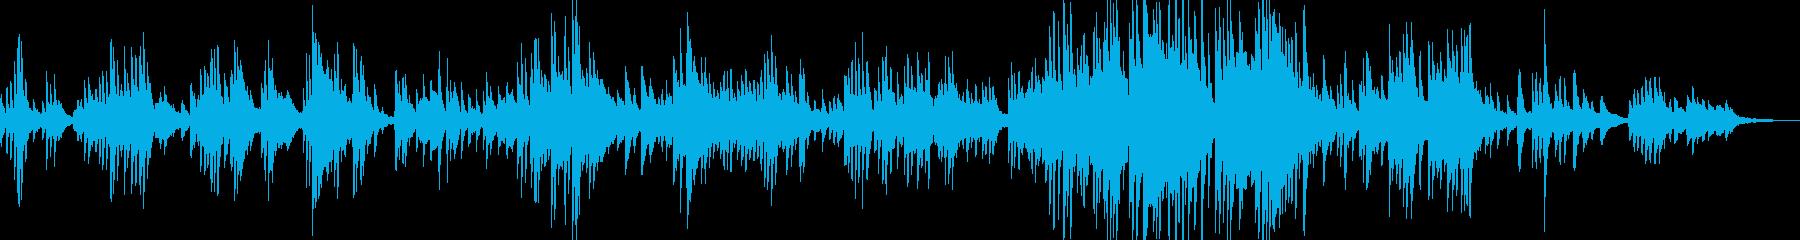 風景・ヨガ・映像 優しい癒しのピアノソロの再生済みの波形